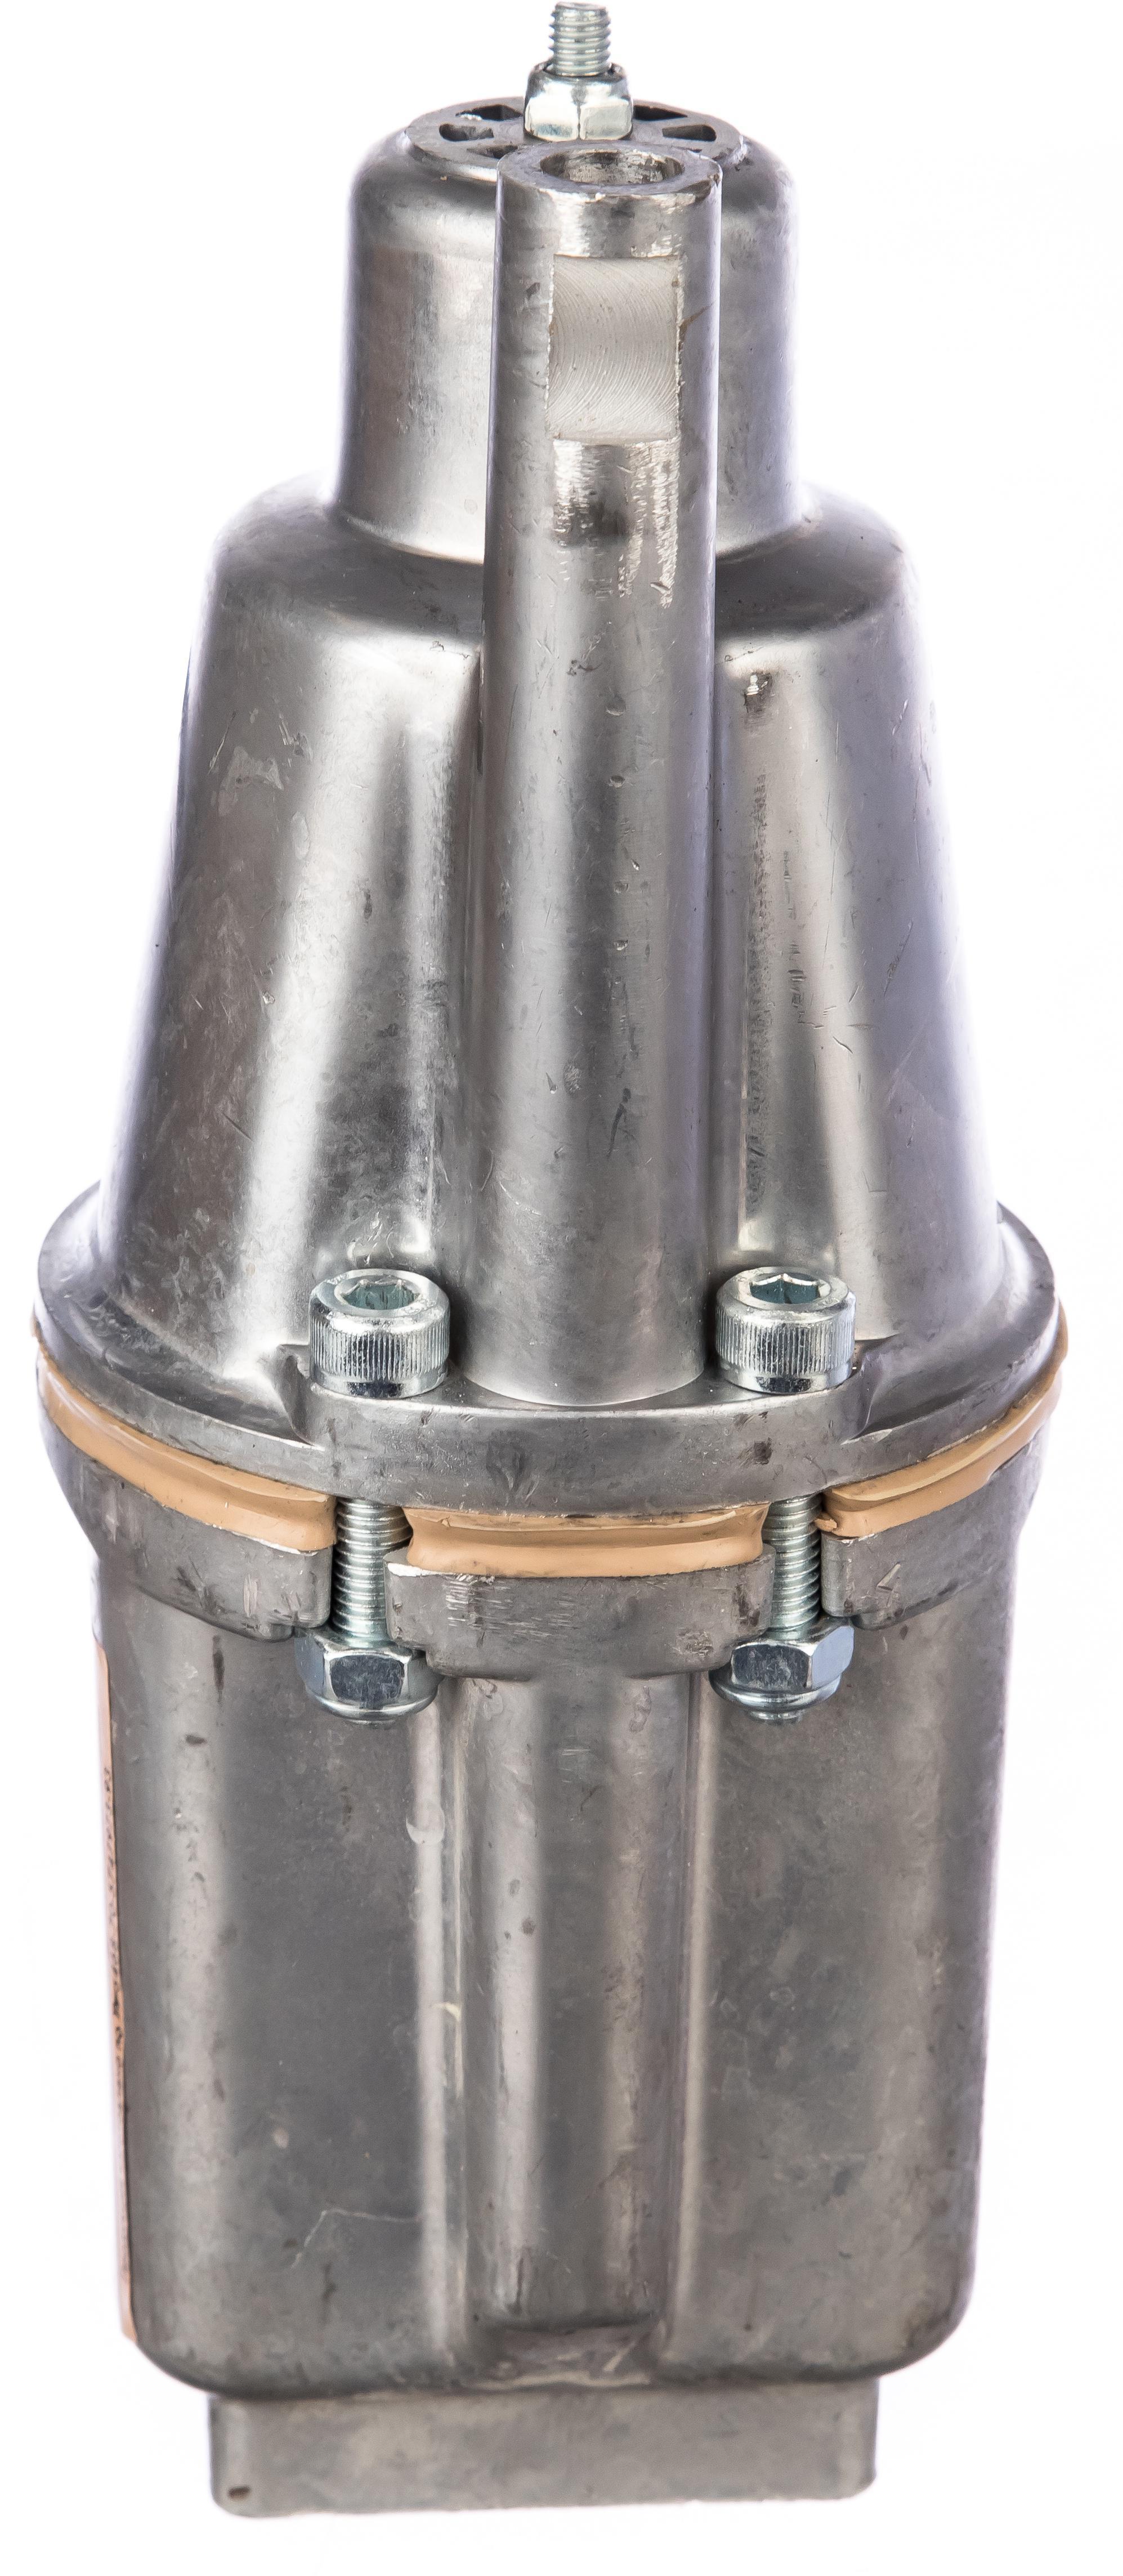 Вибрационный насос ДЖИЛЕКС Малыш-М 1503 насос погружной вибрационный малыш 3